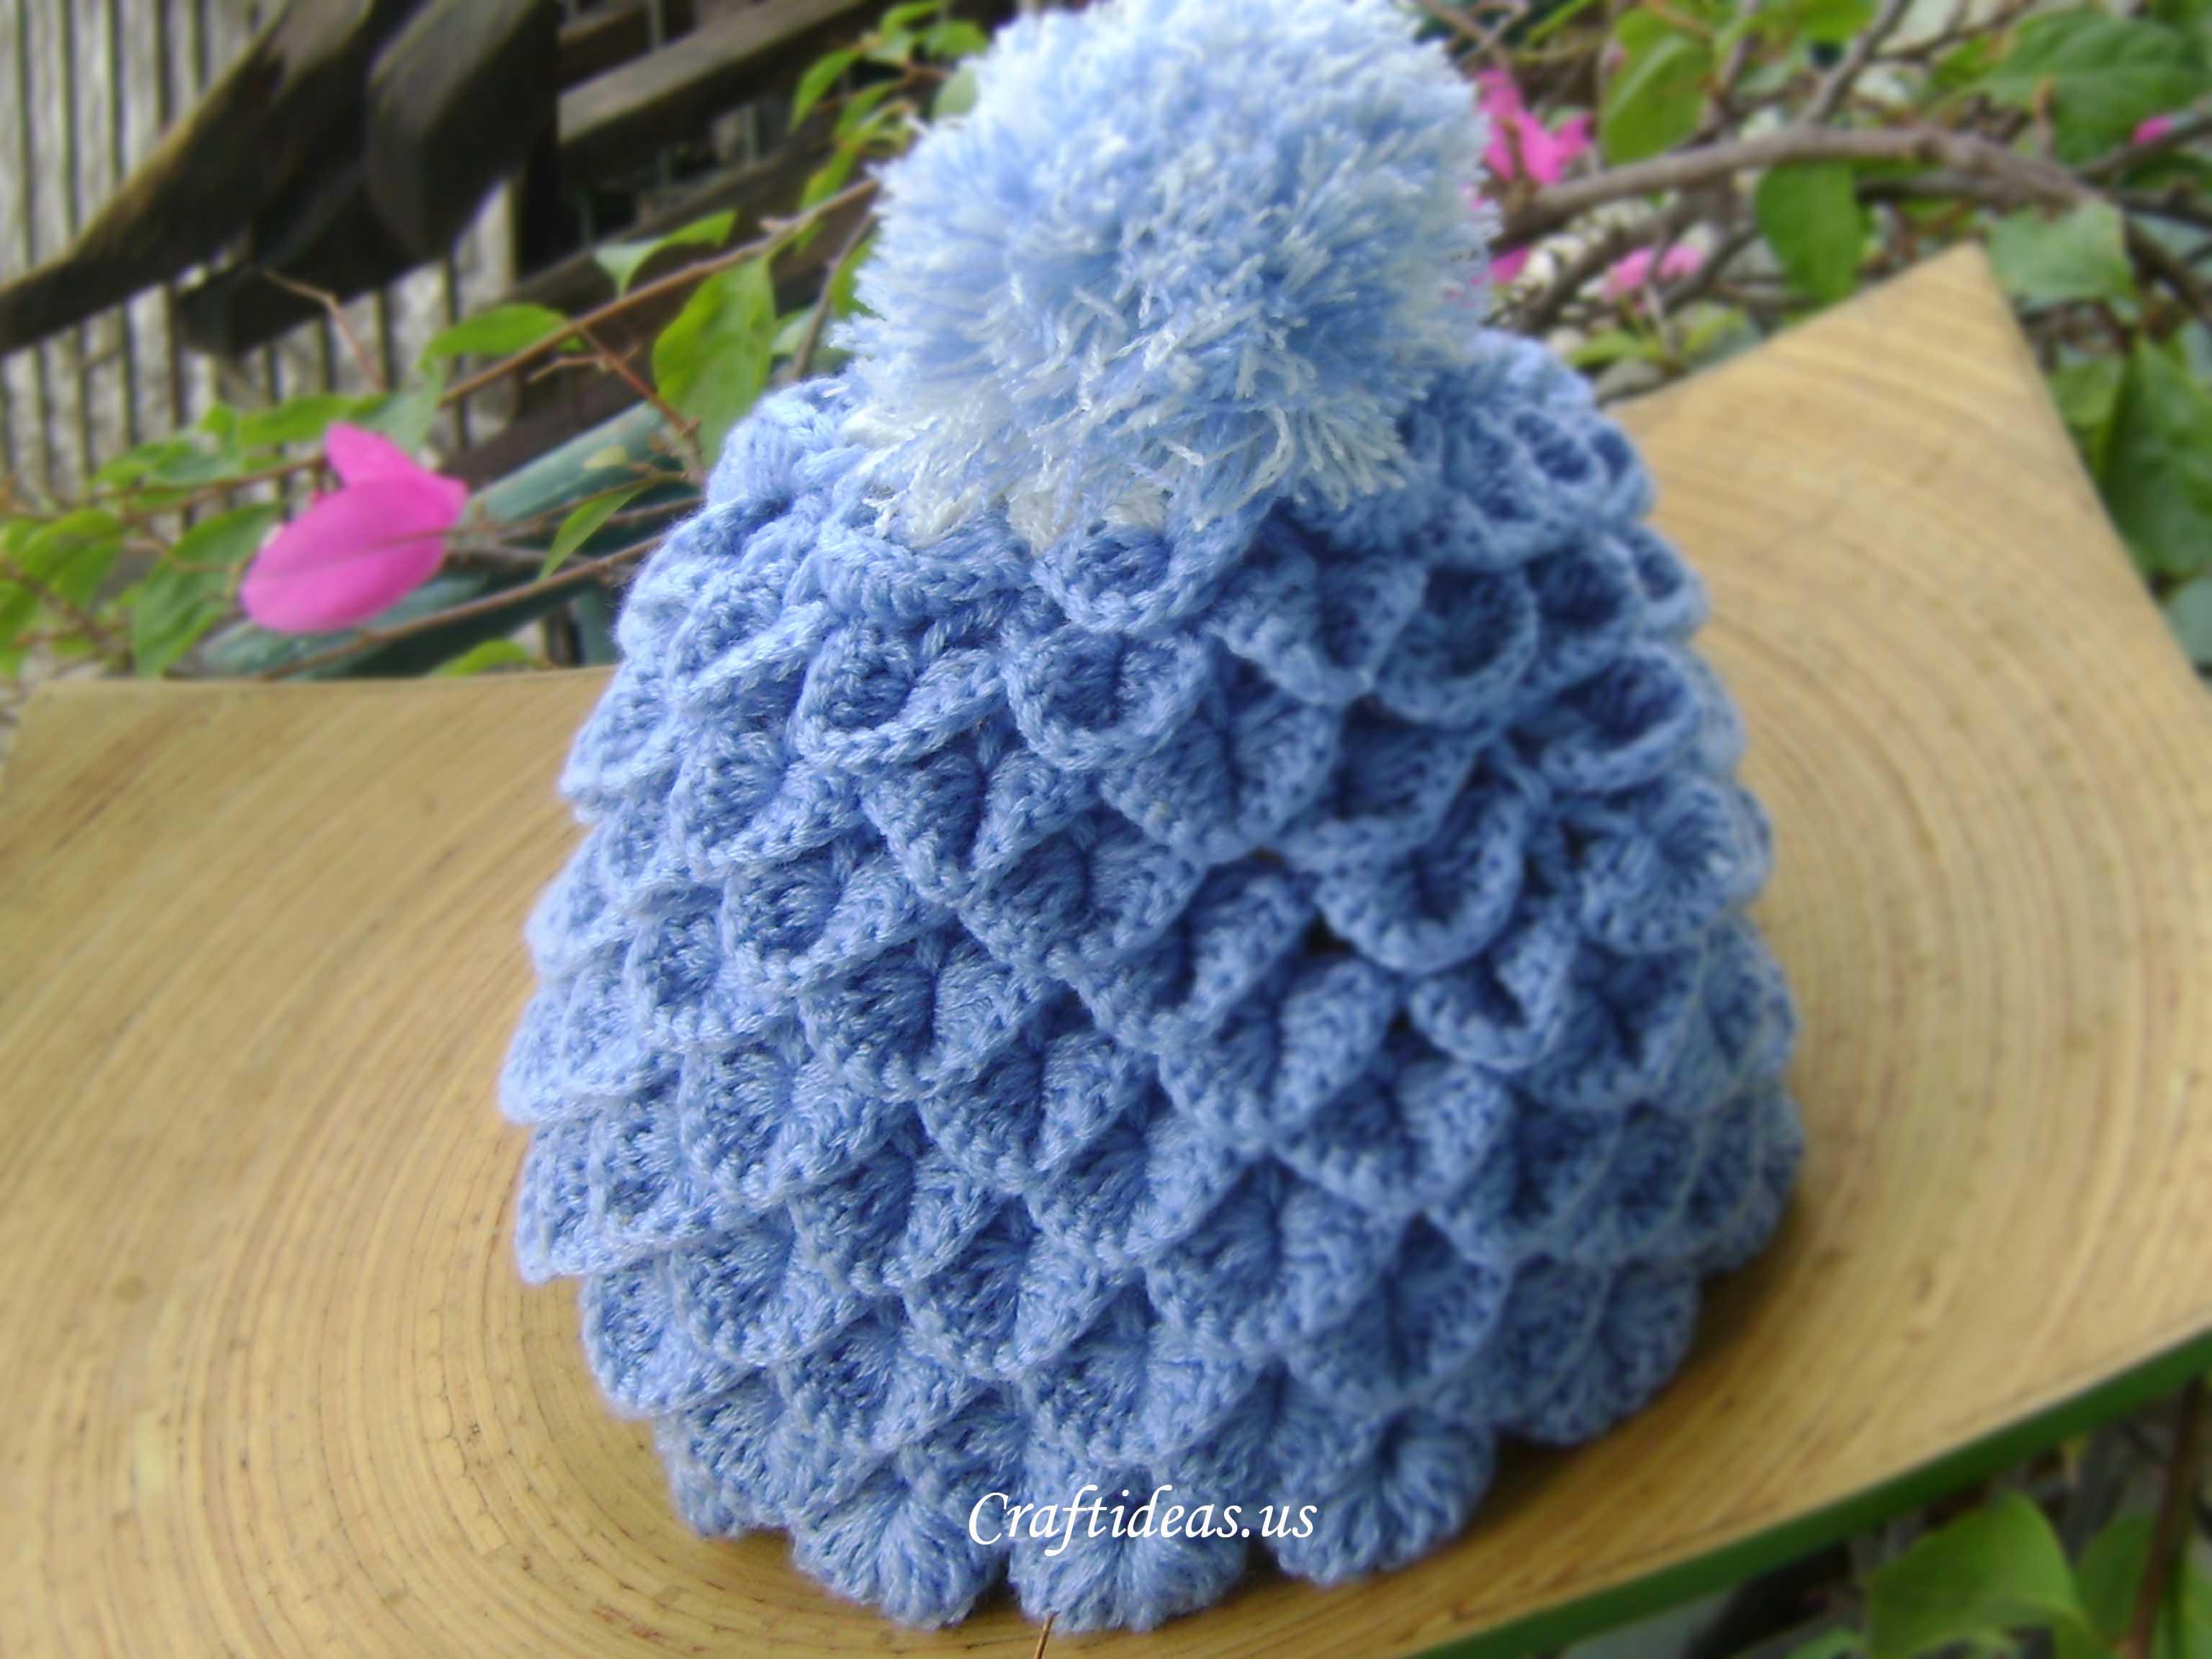 Crochet Alligator Hat Free Crochet Pattern For Alligator Hat Legite For